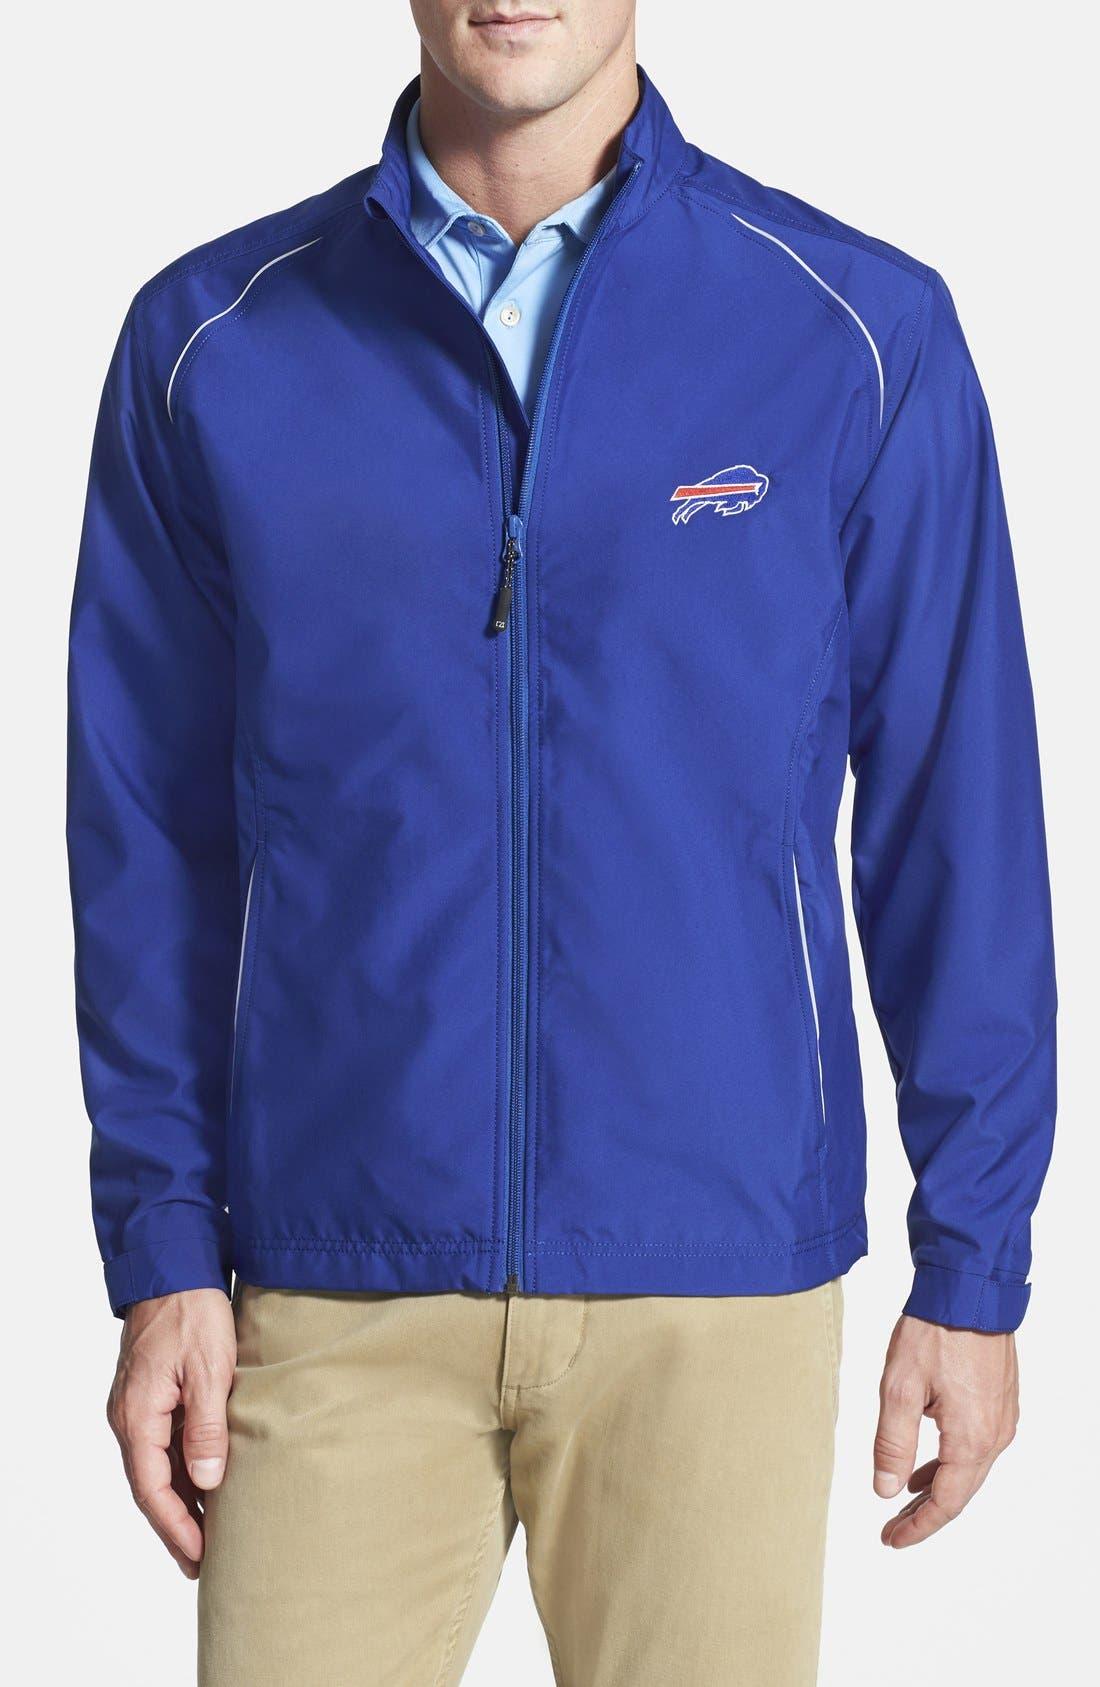 Cutter & Buck Buffalo Bills - Beacon WeatherTec Wind & Water Resistant Jacket